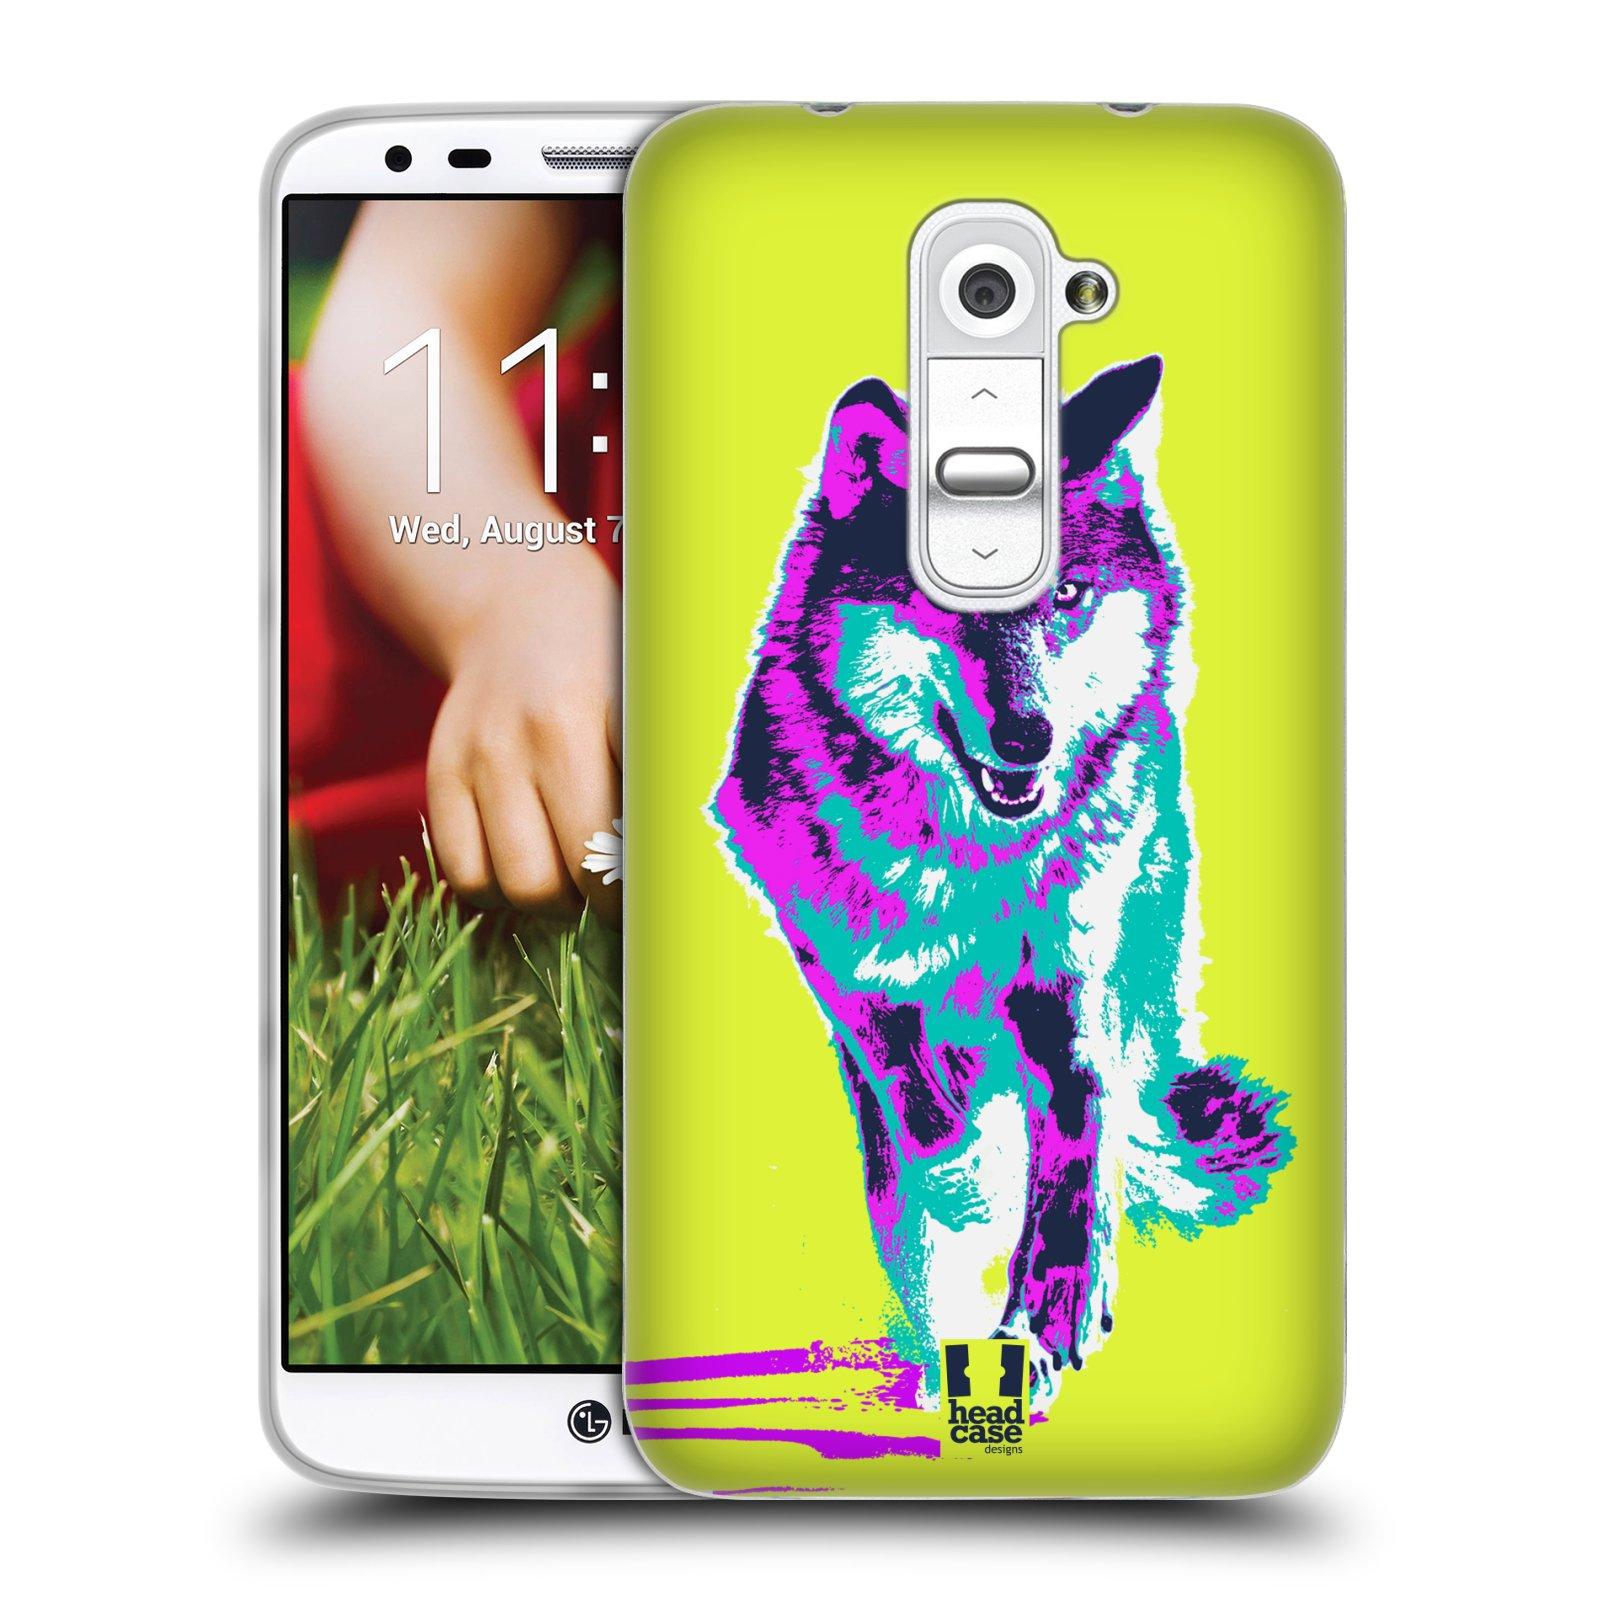 Silikonové pouzdro na mobil LG G2 HEAD CASE POP PRINT VLK (Silikonový kryt či obal na mobilní telefon LG G2 D802)